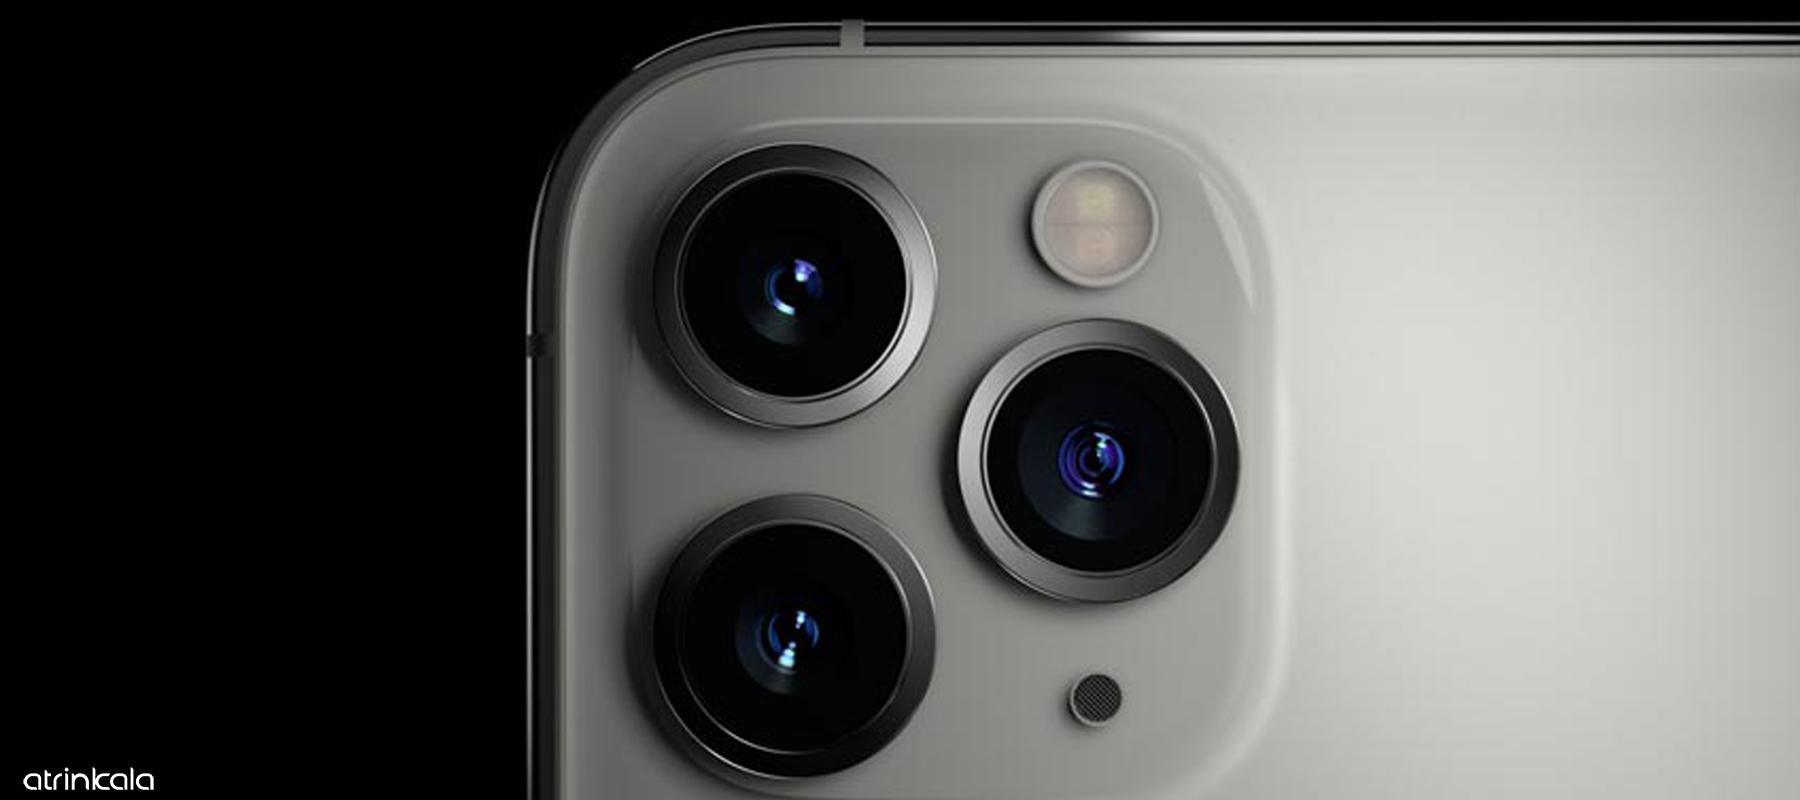 بهترین گوشی ها از نظر دوربین